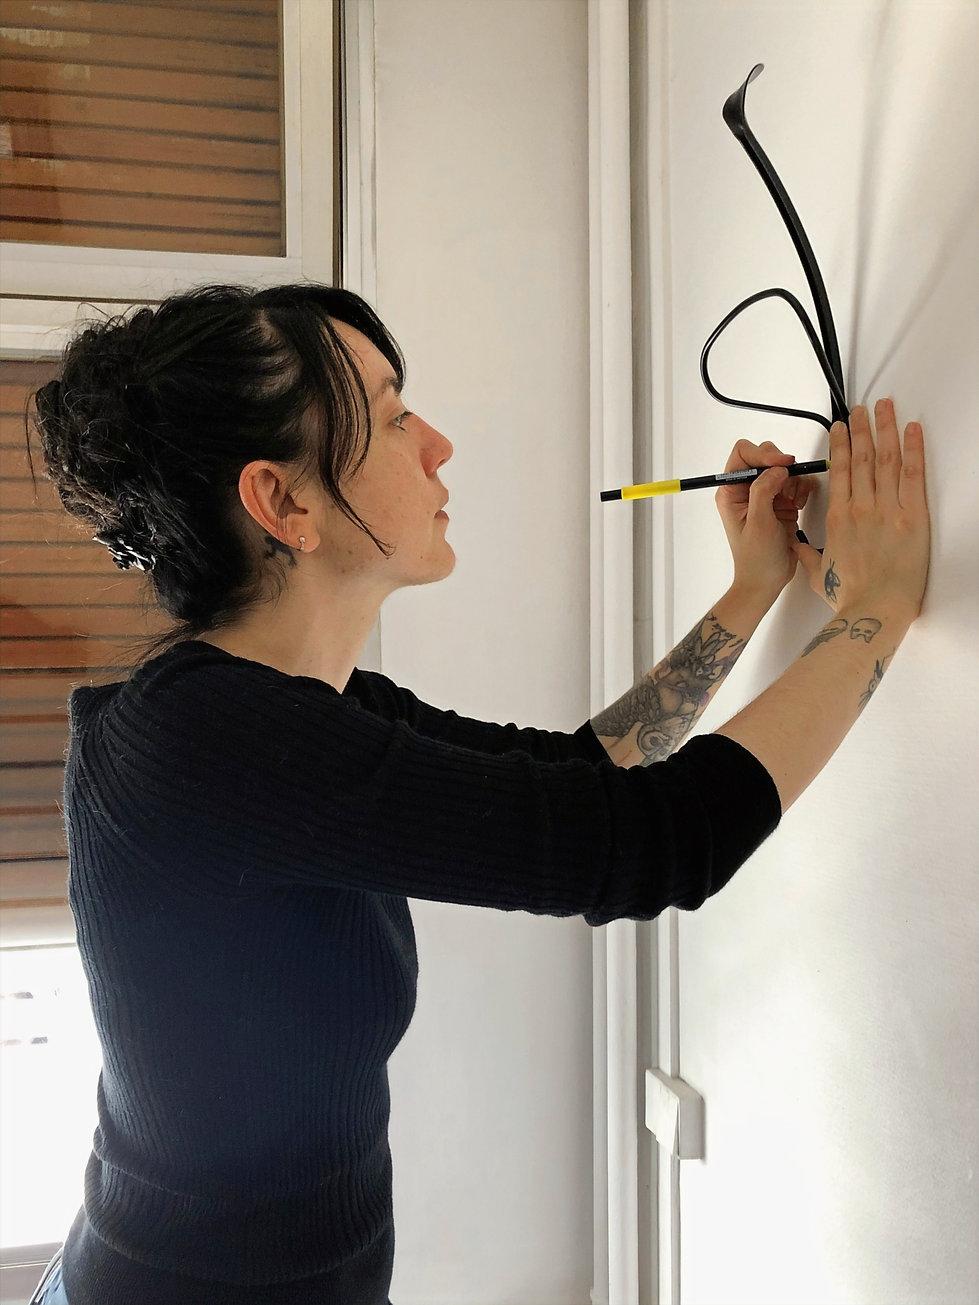 Virginie Diable - Boulogne tatouage_edit